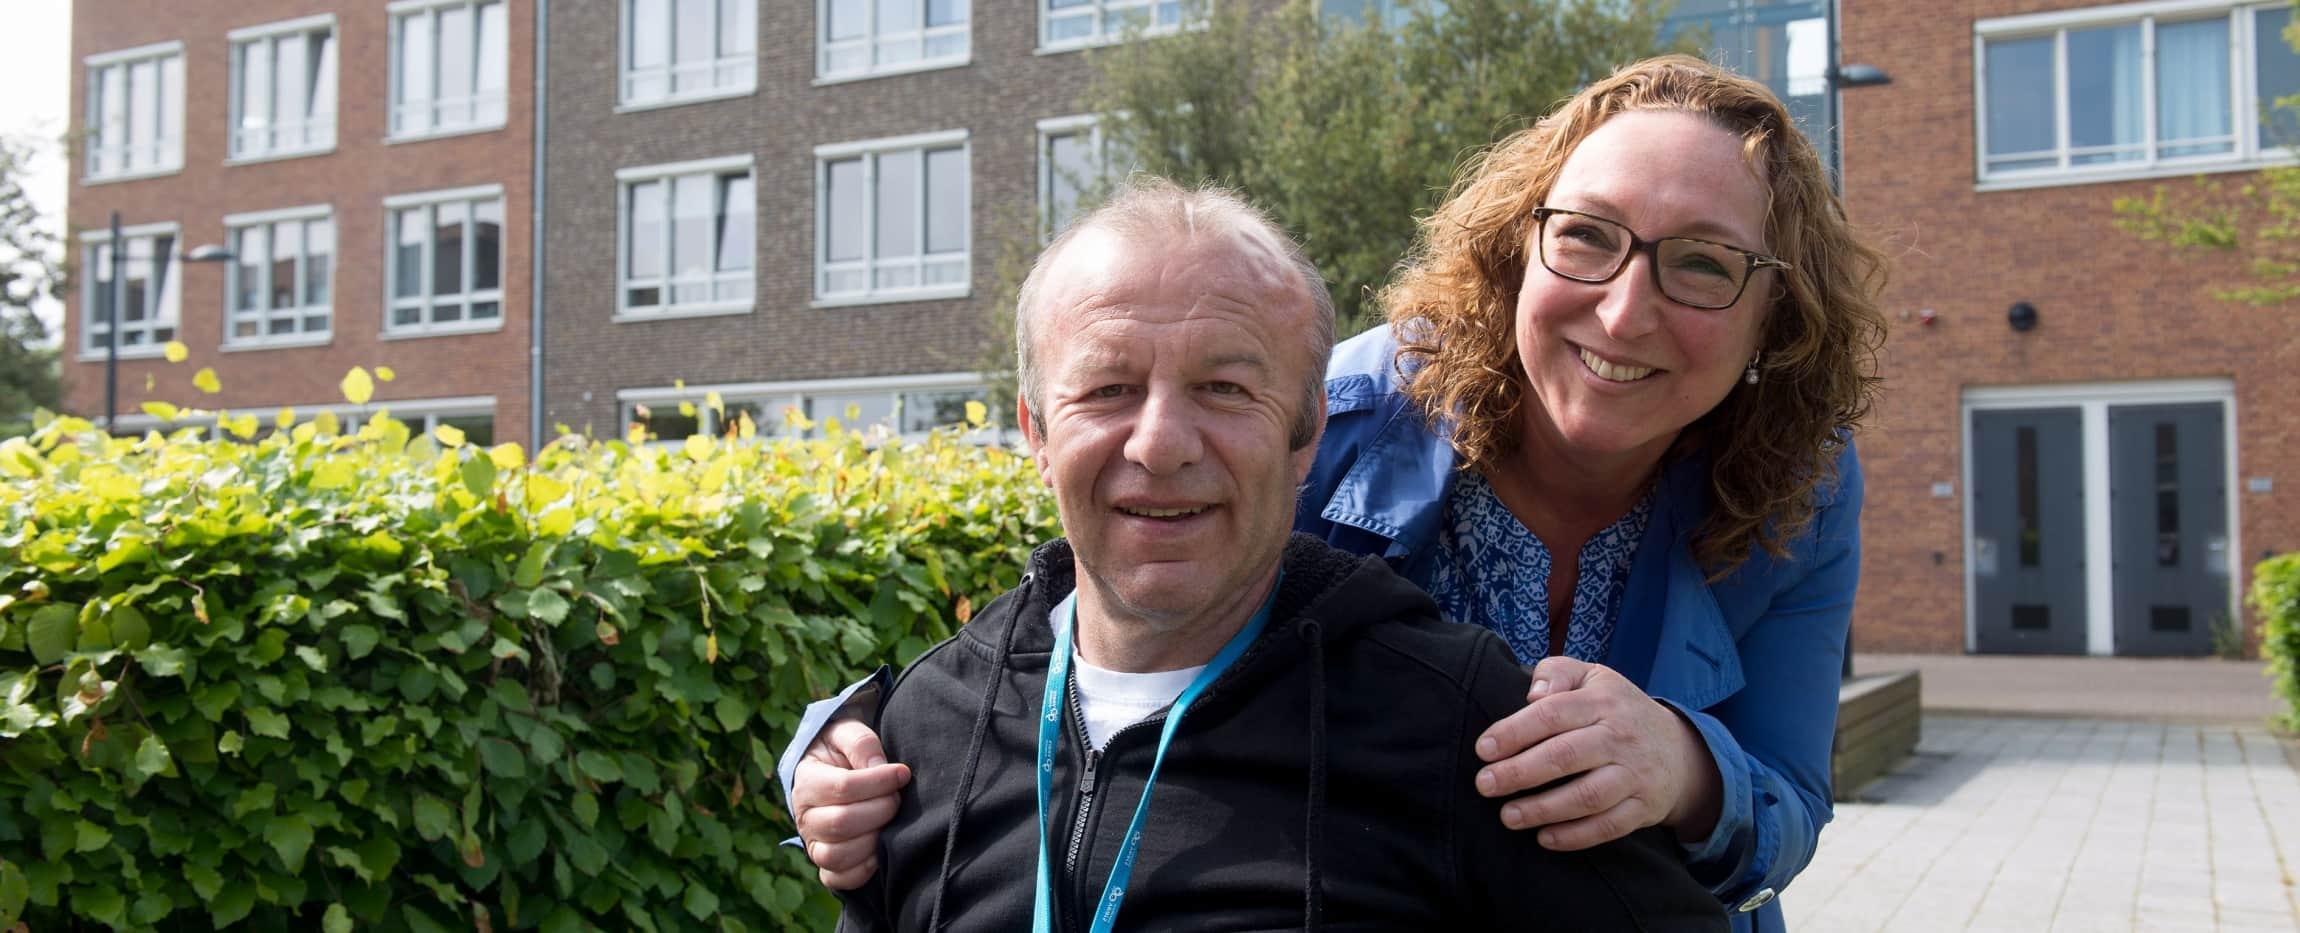 Man in rolstoel met jonge vrouw bij een groene heg en rij huizen